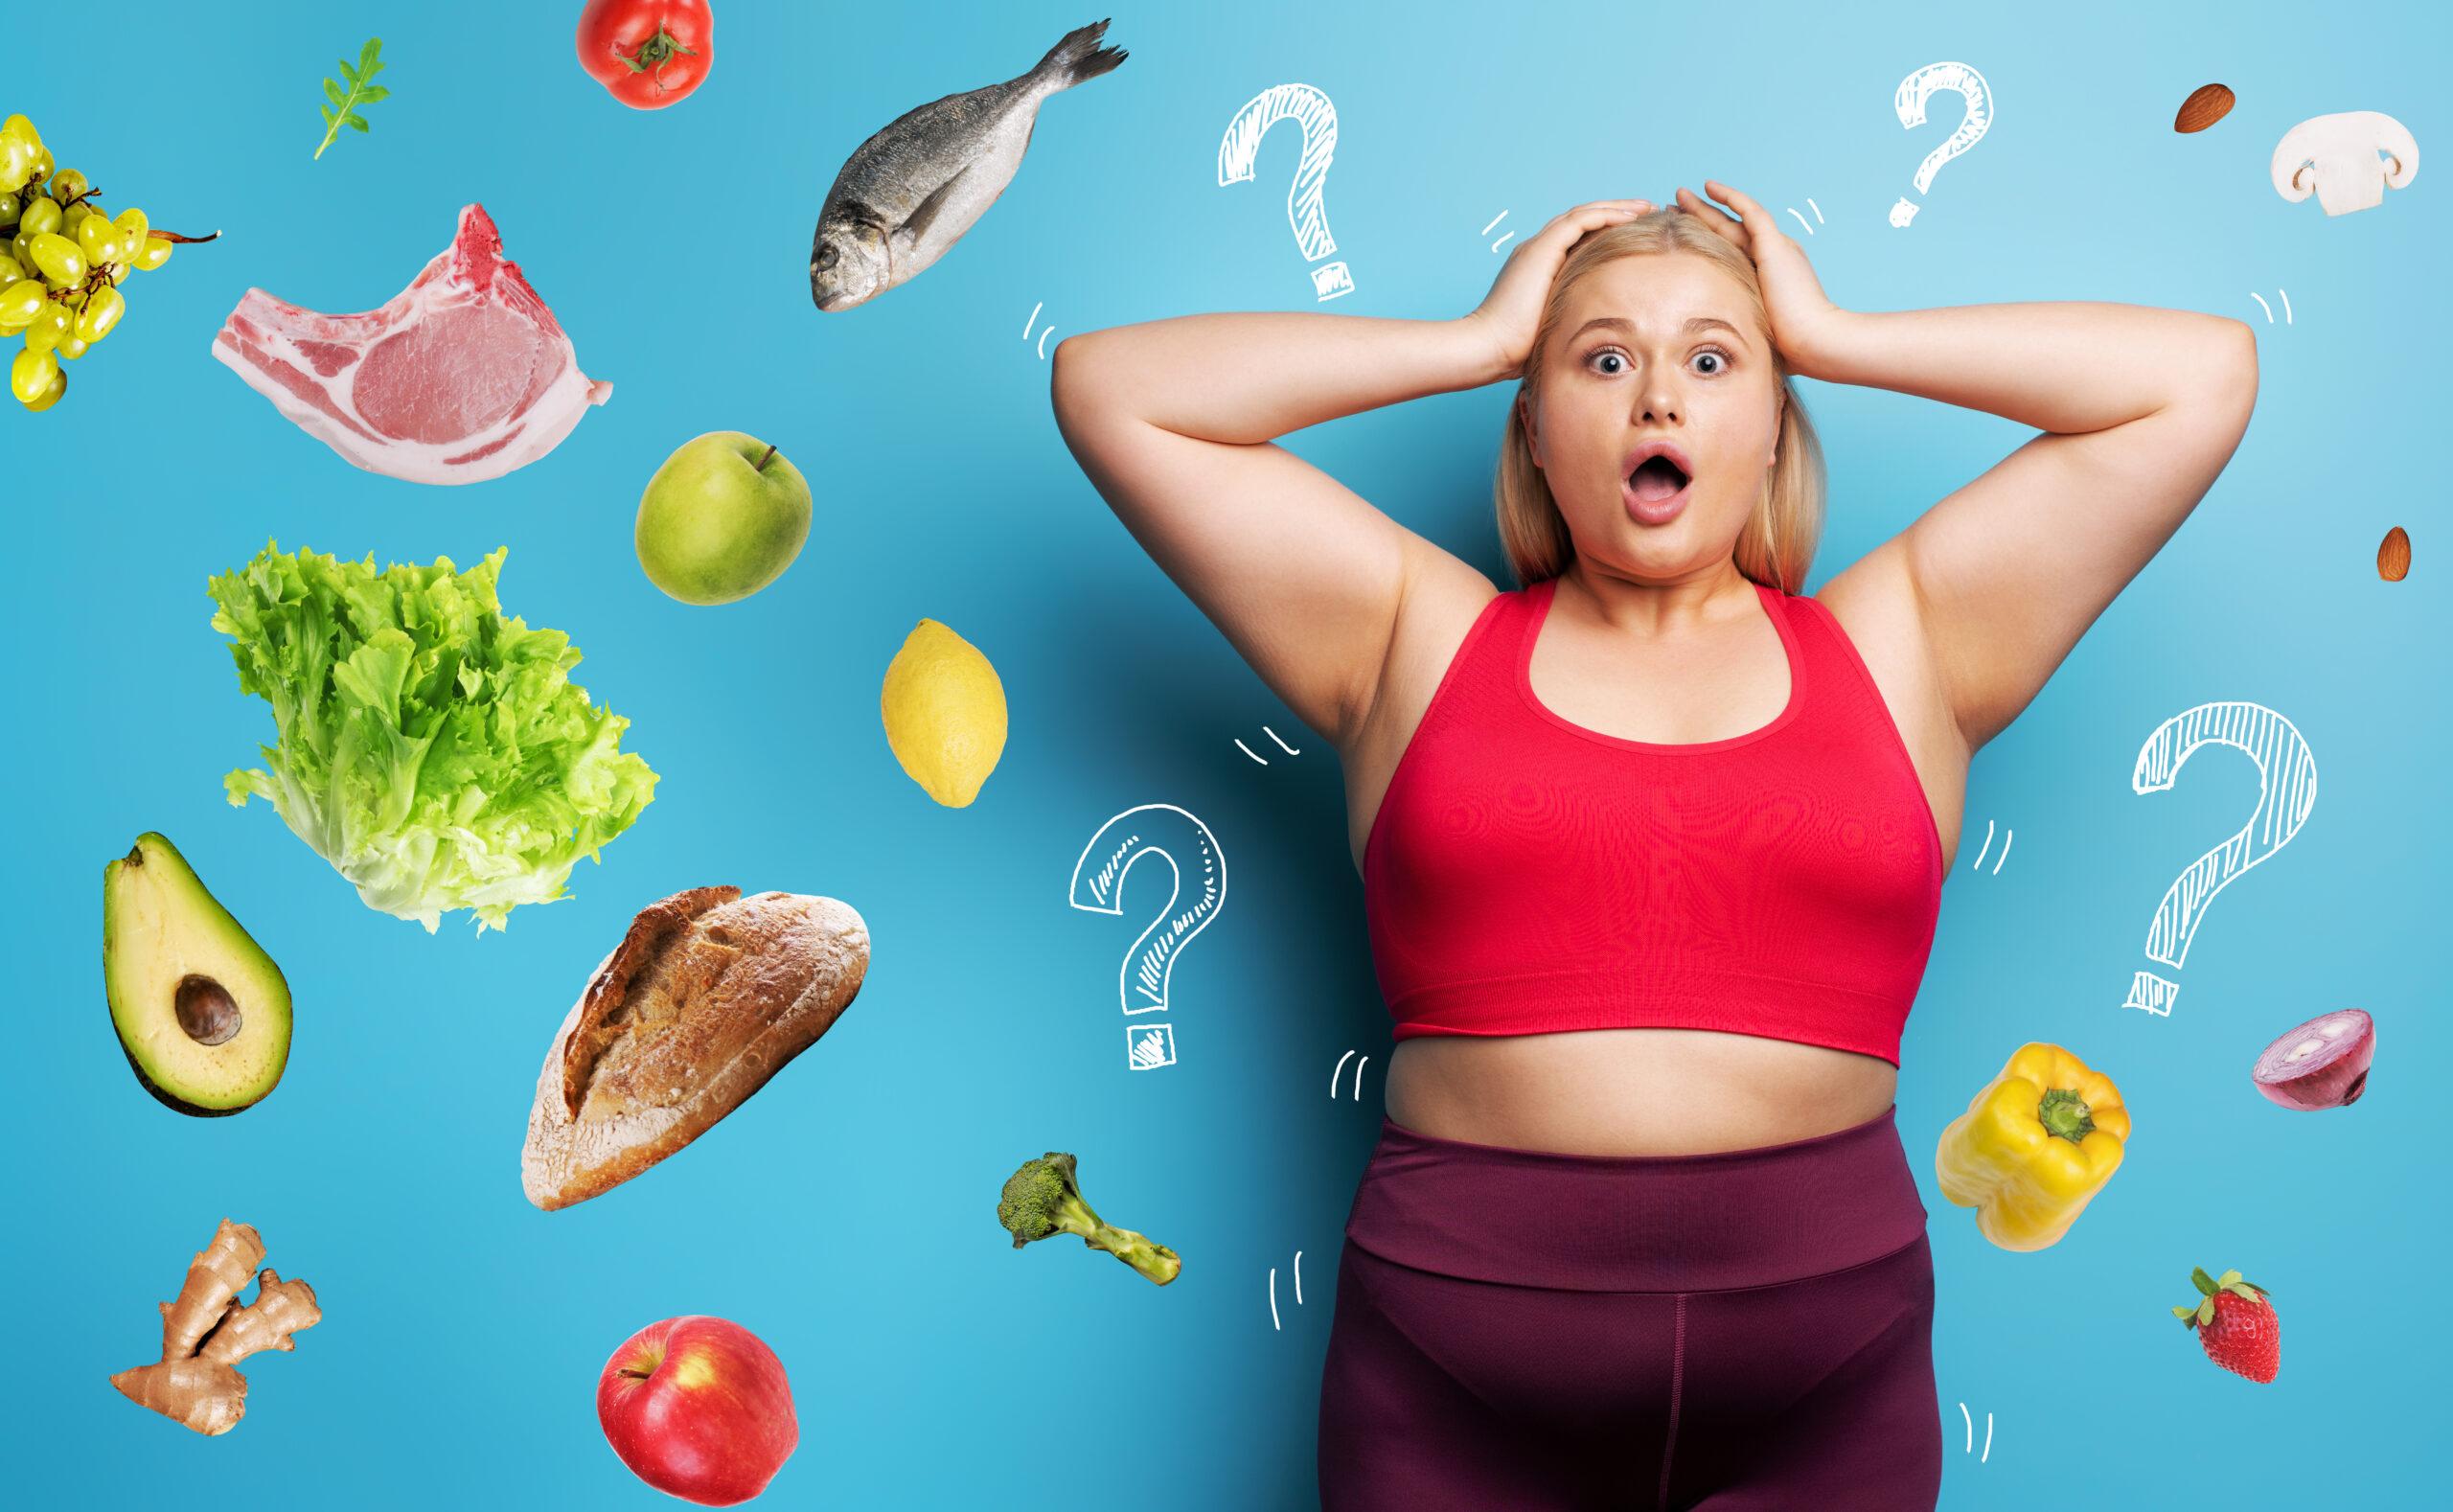 太った女性が食べ物で混乱している画像です